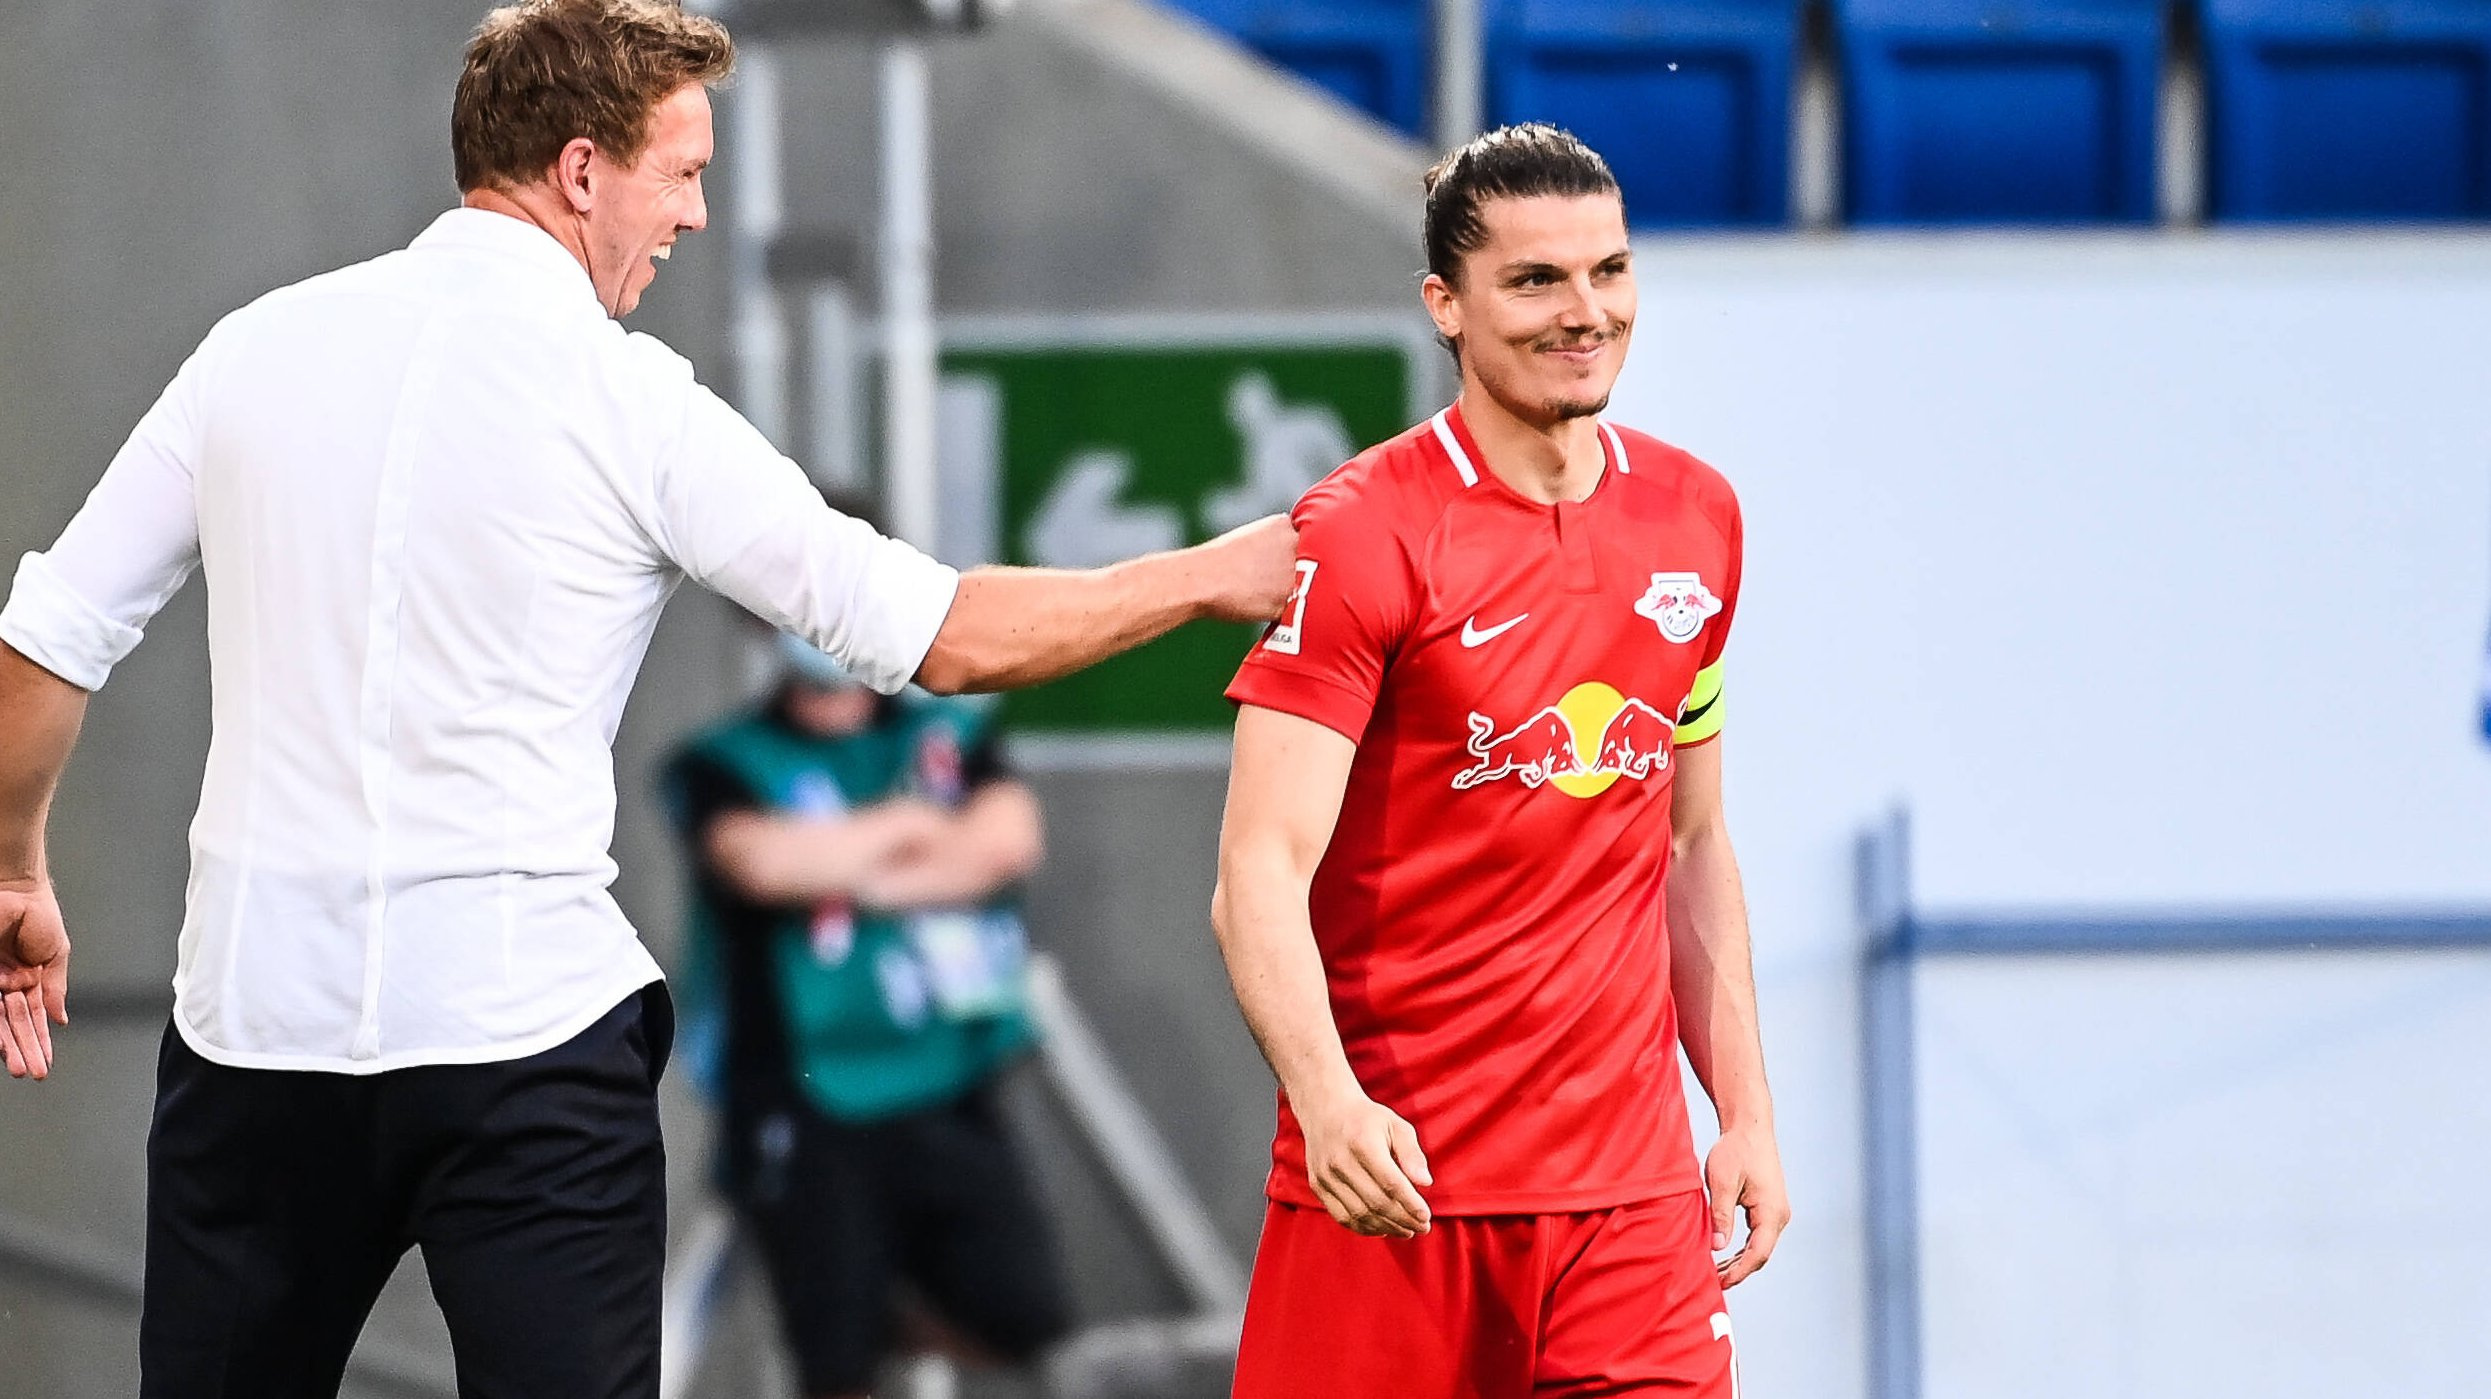 Bayern Munich sign Marcel Sabitzer - Three arrivals from RB Leipzig for around €70m this summer   Transfermarkt